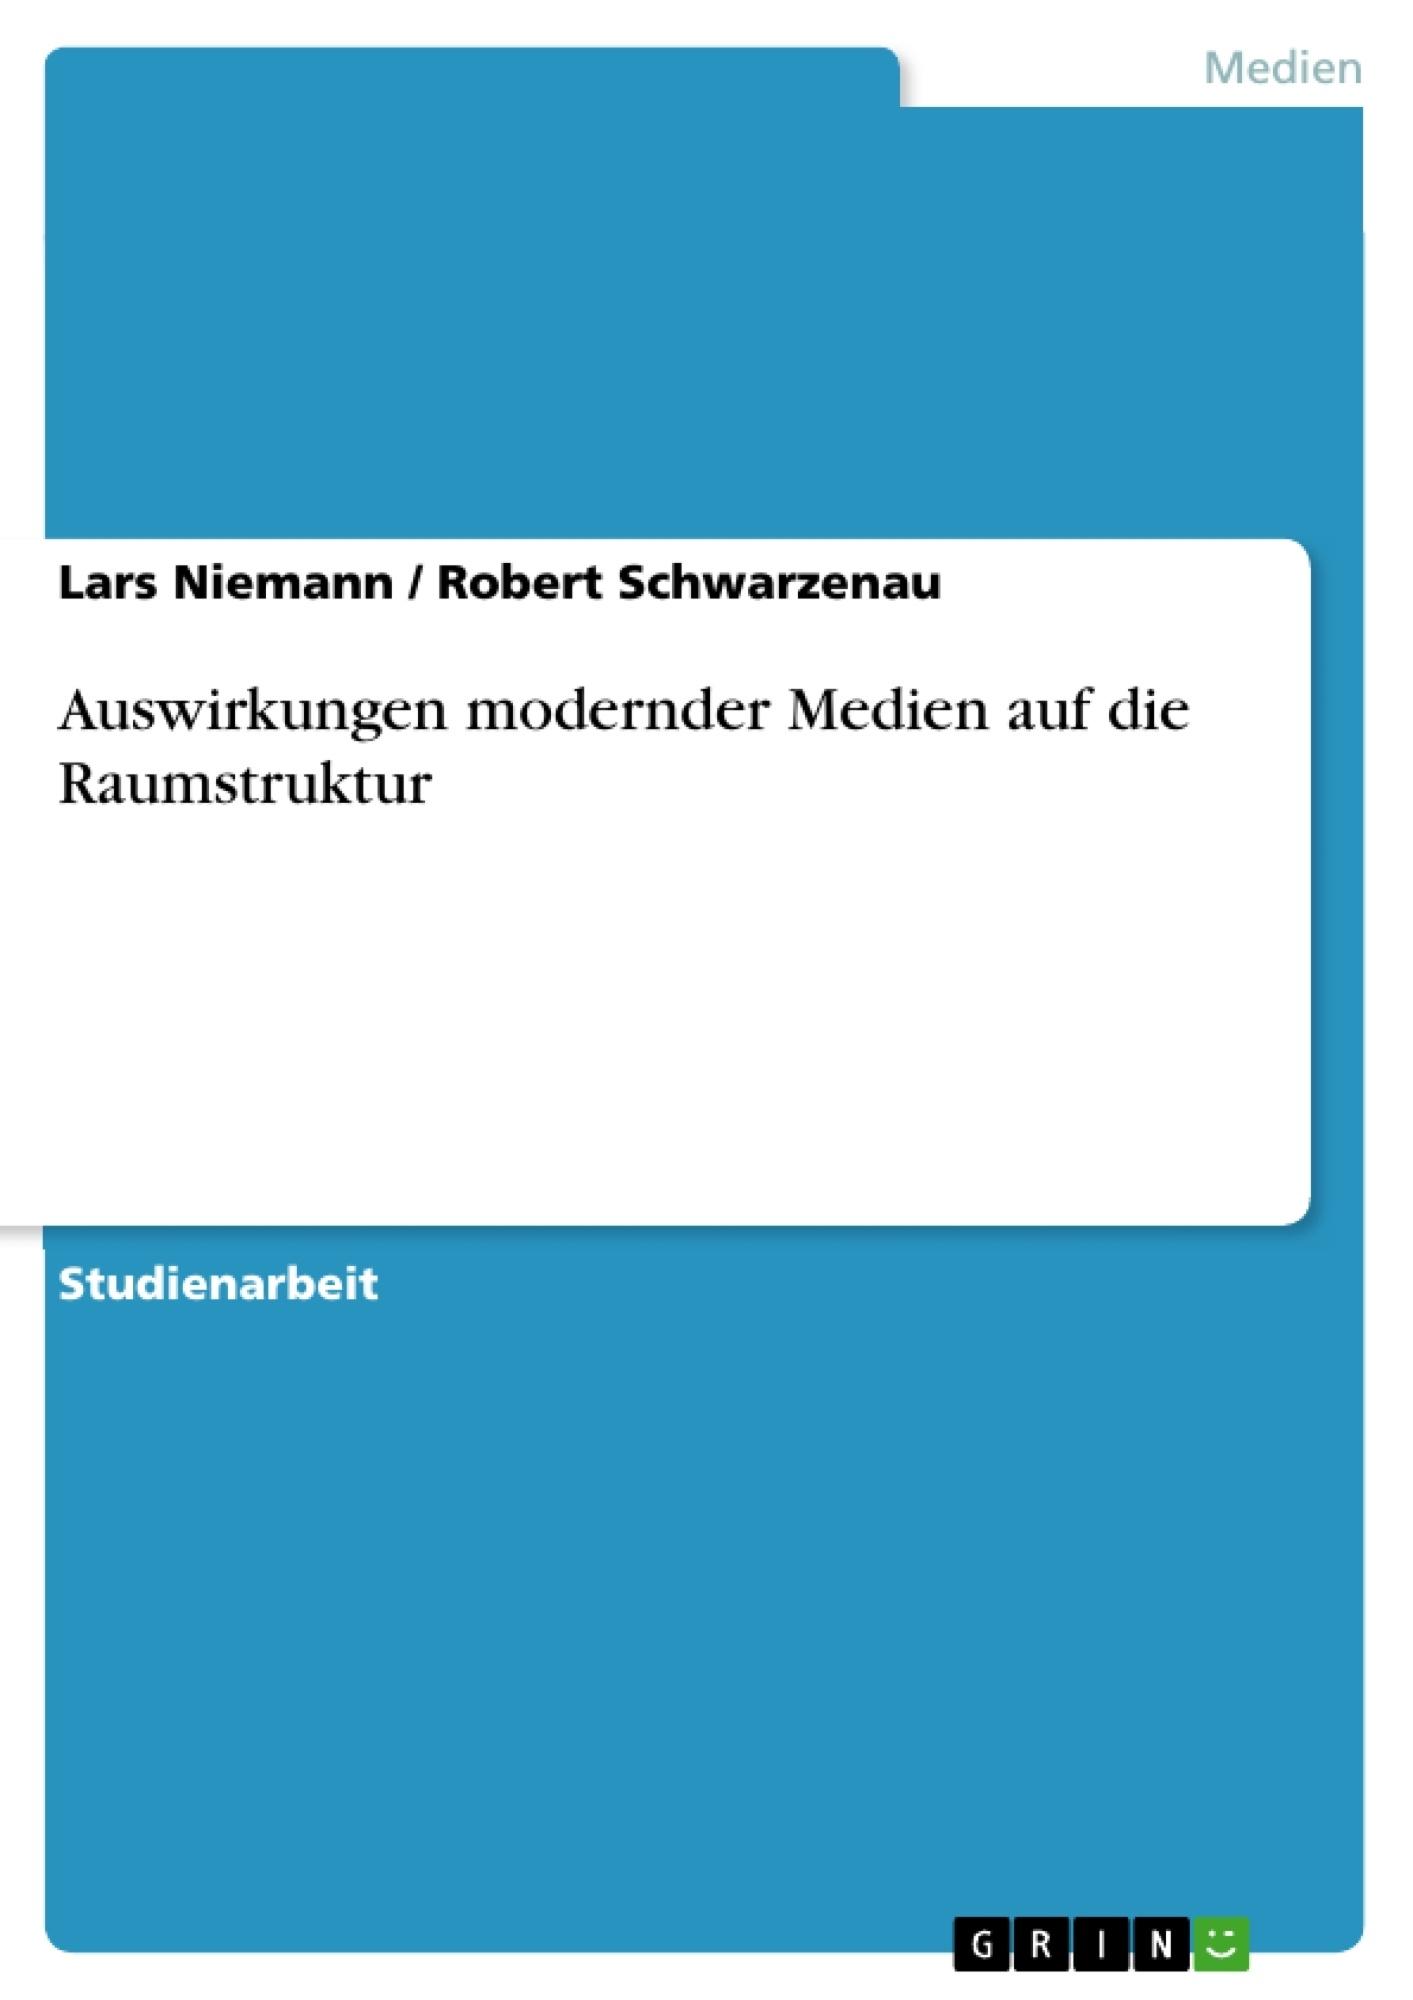 Titel: Auswirkungen modernder Medien auf die Raumstruktur